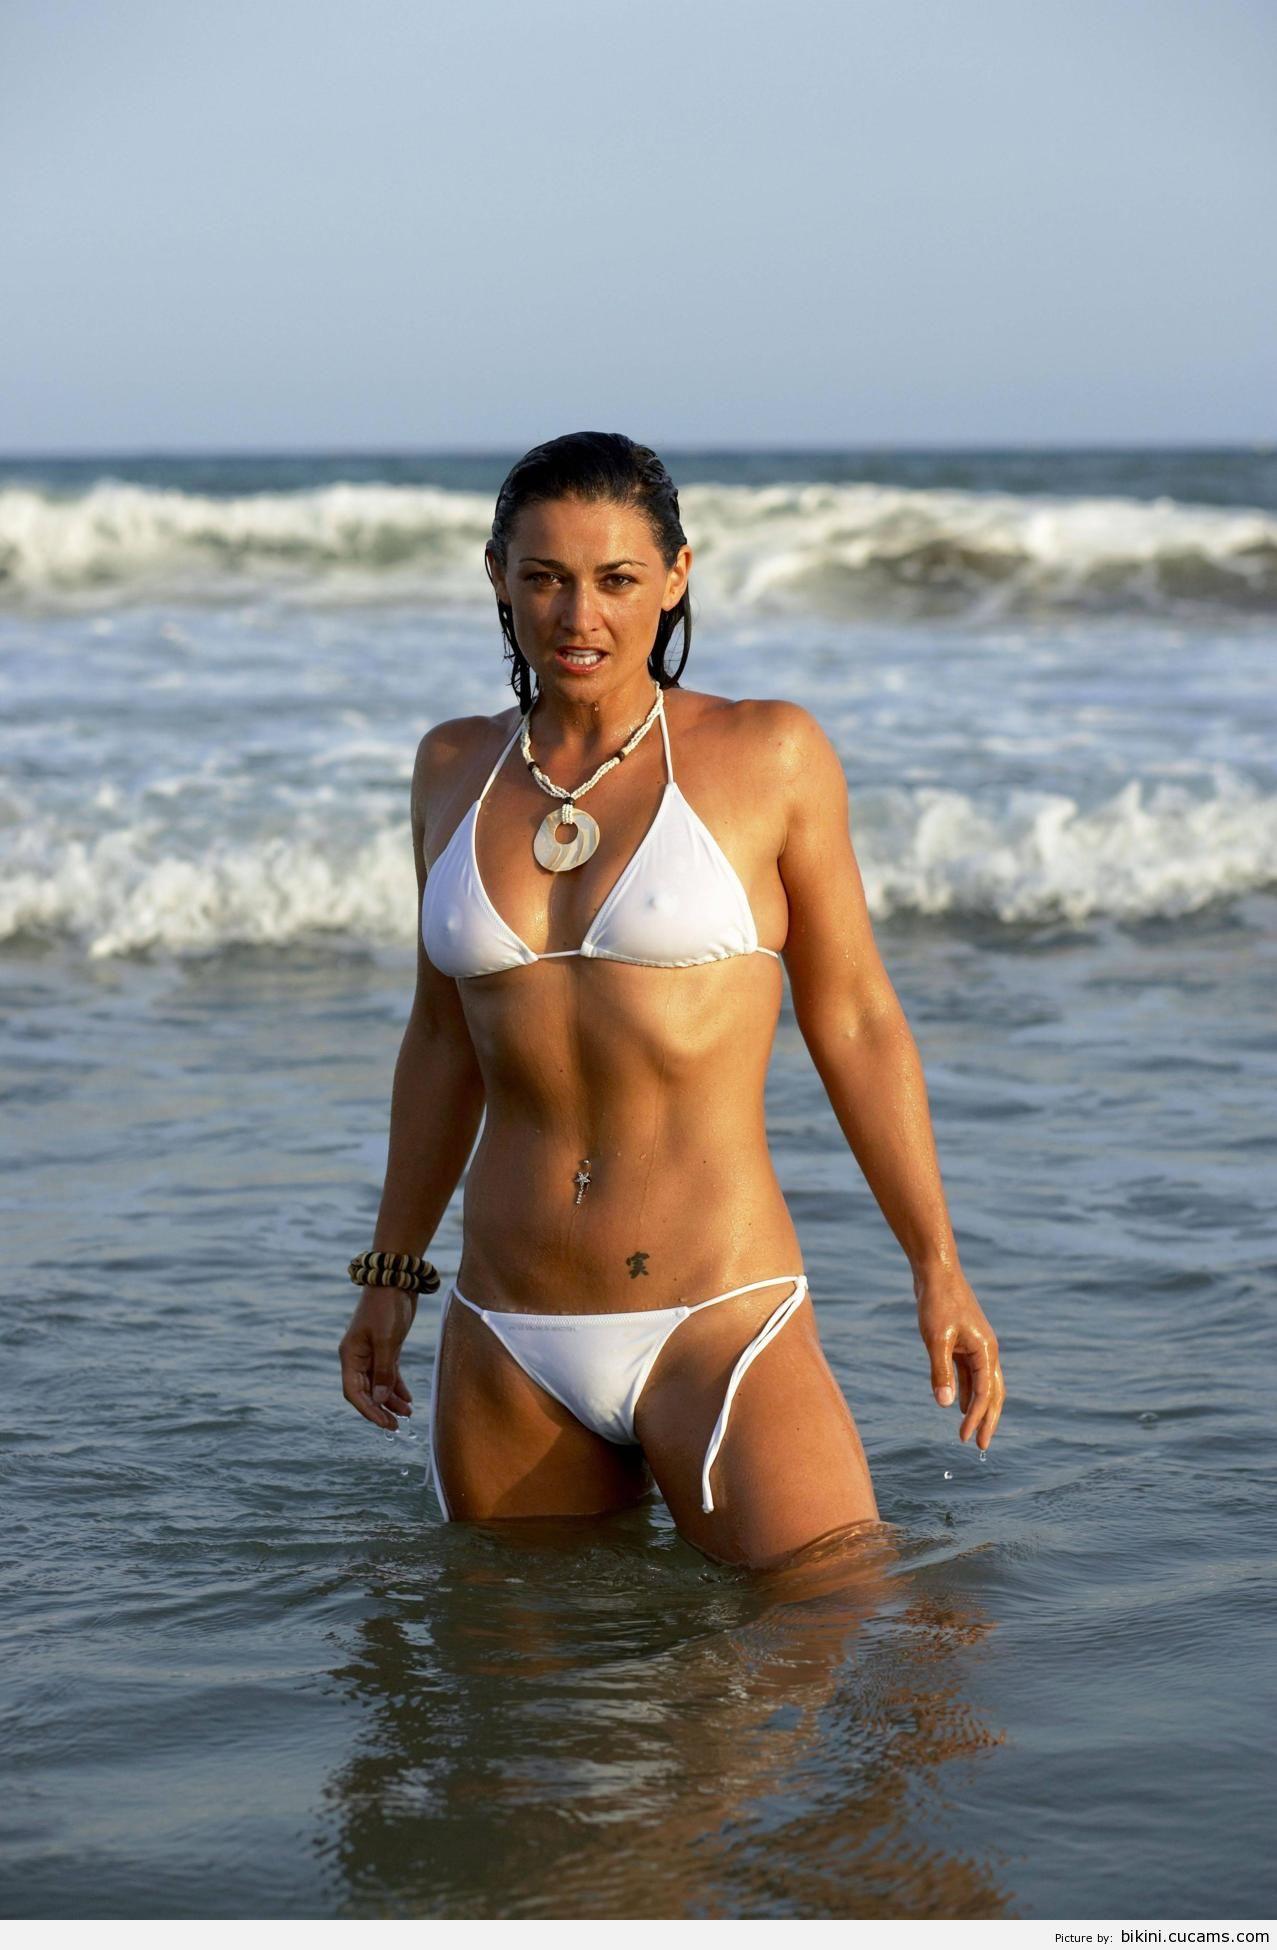 Bikini Acrobatic Nurse by bikini.cucams.com